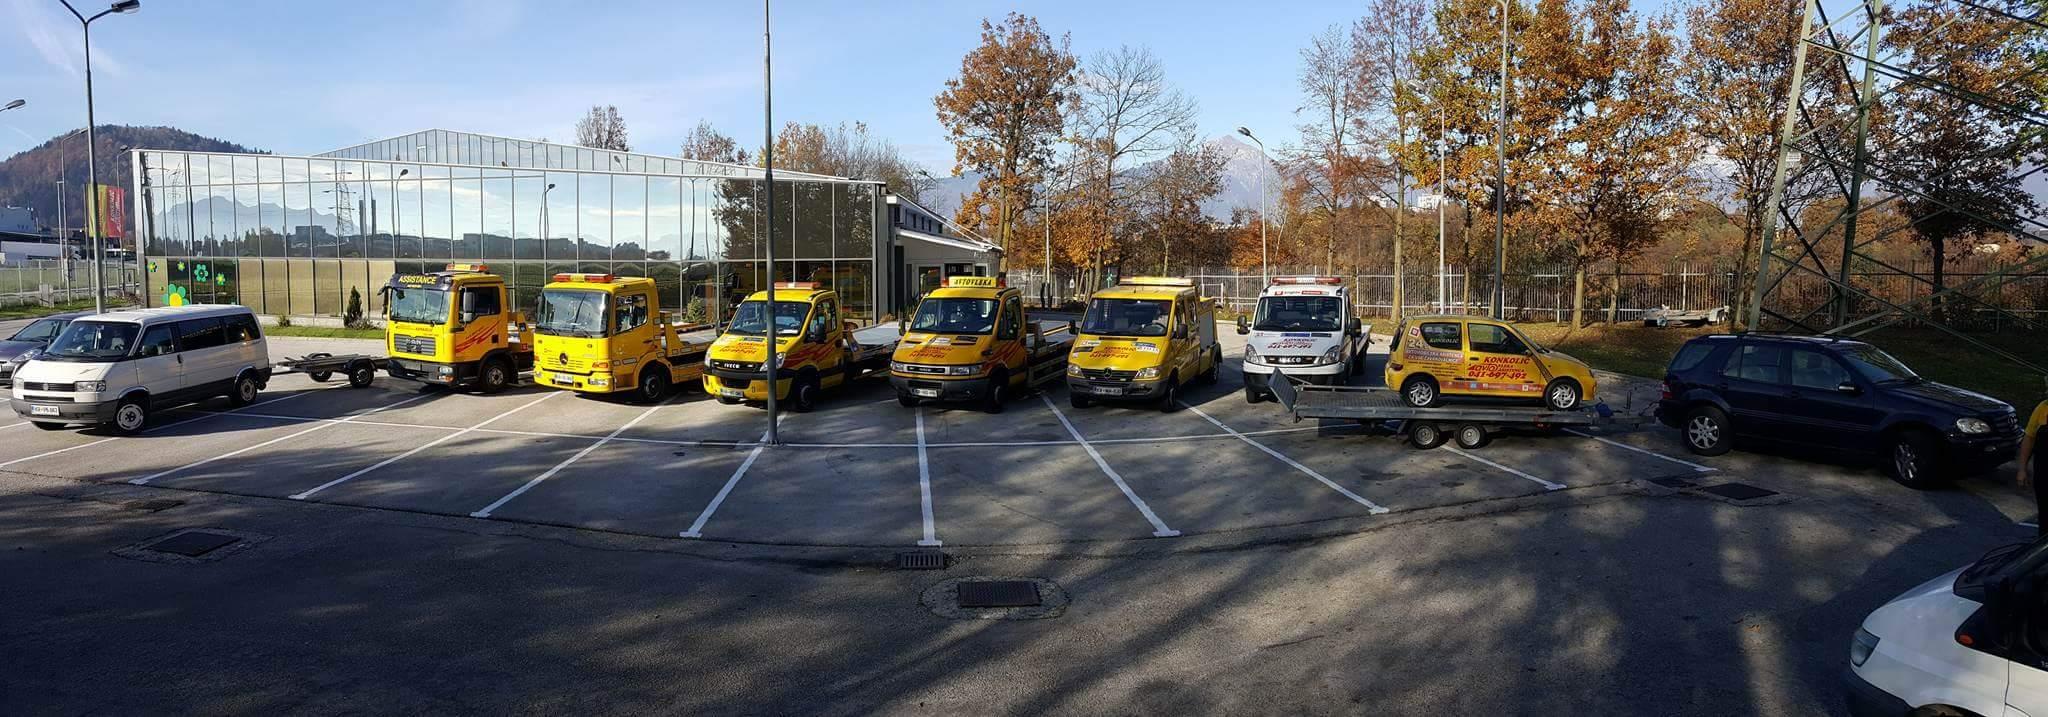 Avtovleka Kranj - Avtoasistenca Konkolič Kranj, Towing Service Kranj, Abschleppdienst Kranj received_10206014331032473